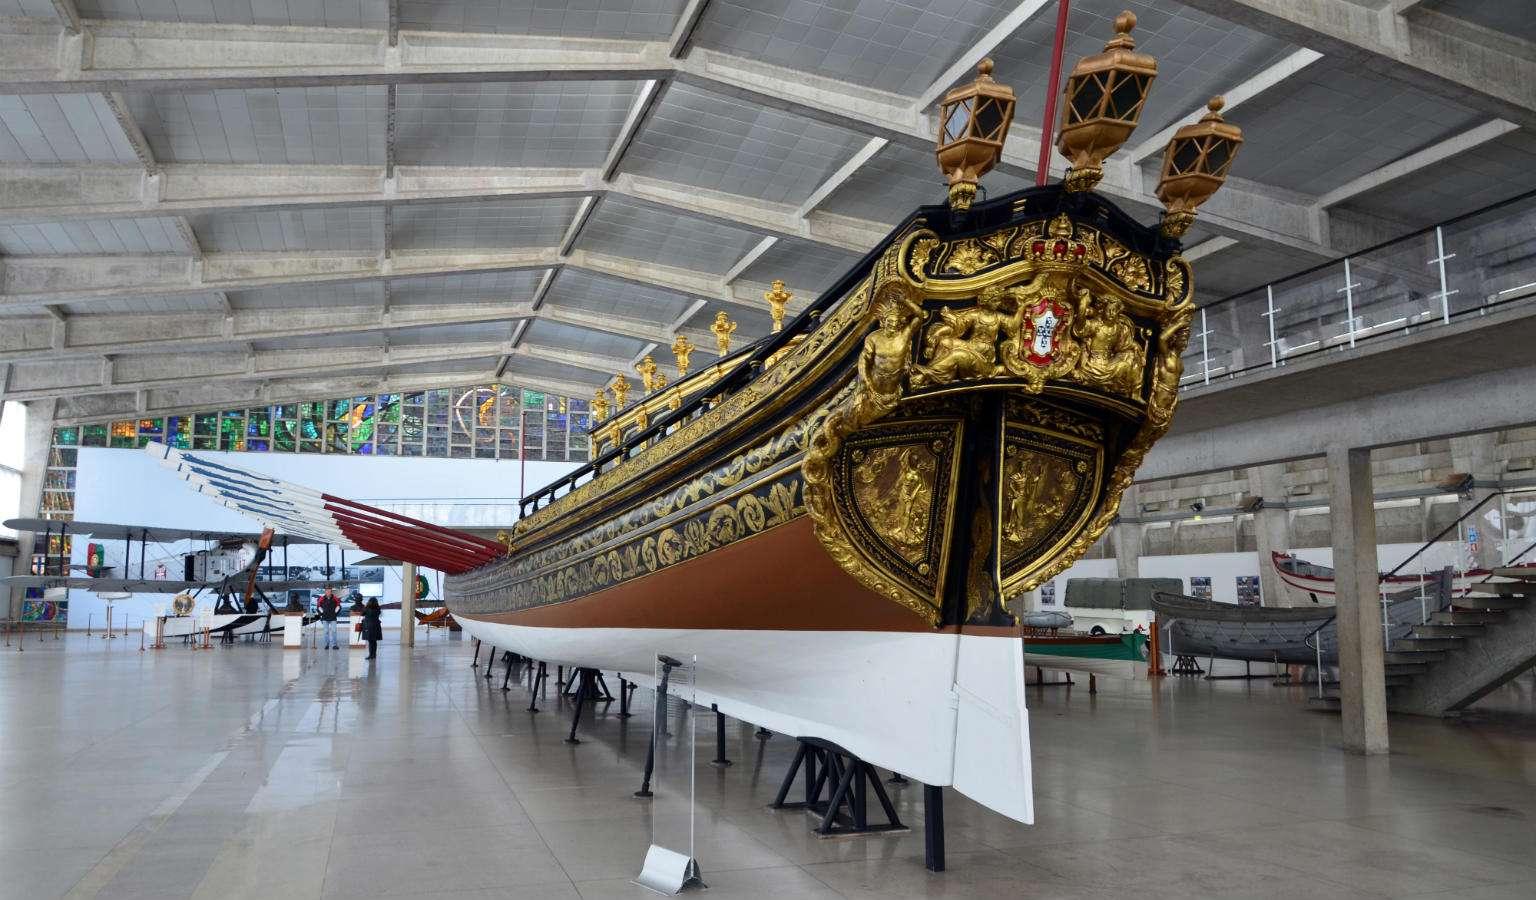 De achterkant van een koninklijke sloep in het National Museum of Royal Barges in Bangkok